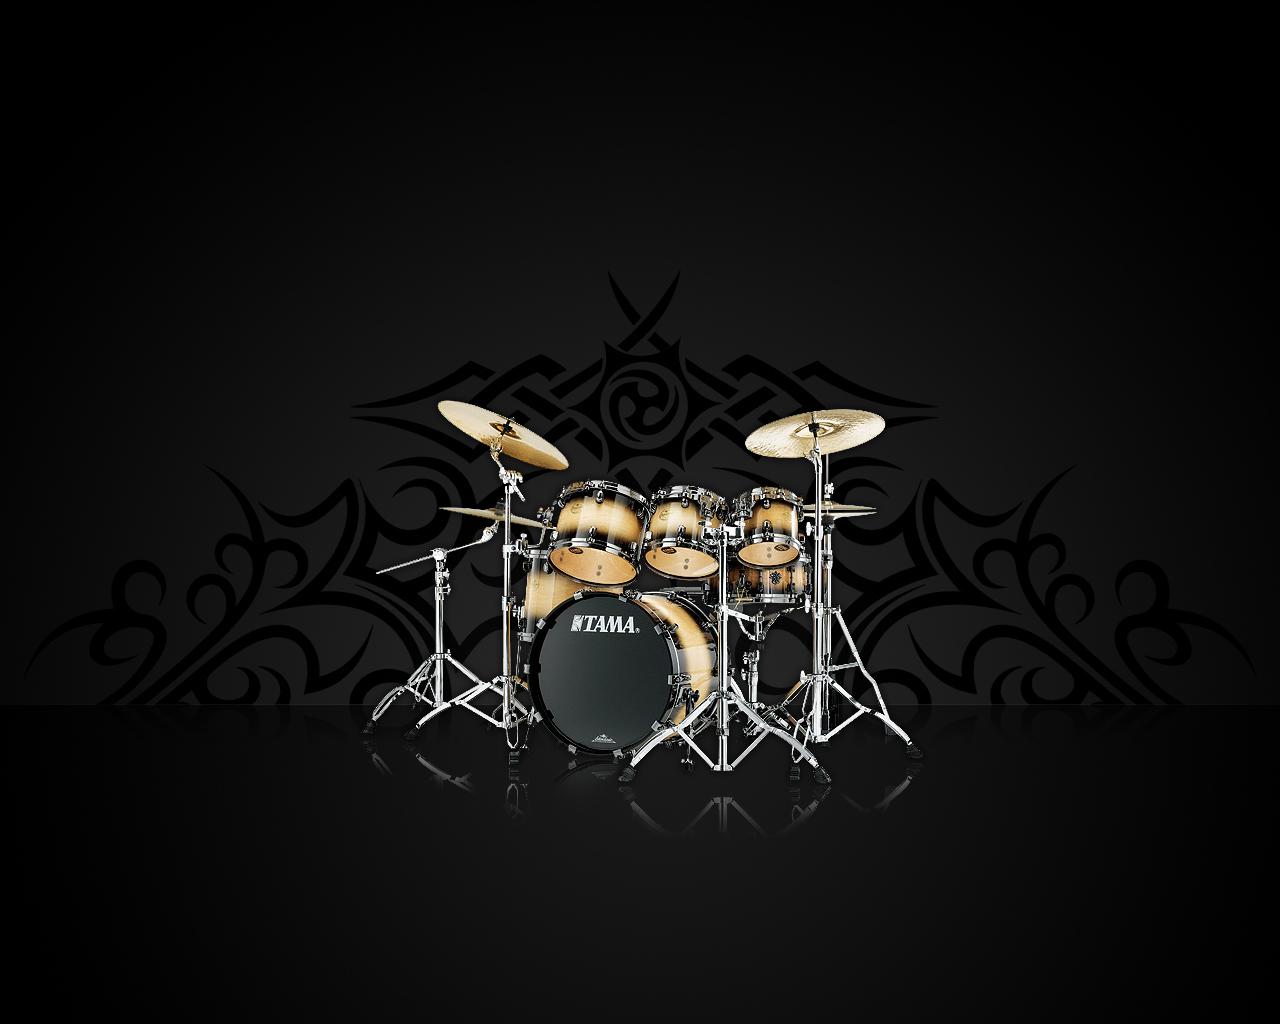 Drum Kit Wallpaper   LiLzeu   Tattoo DE 1280x1024